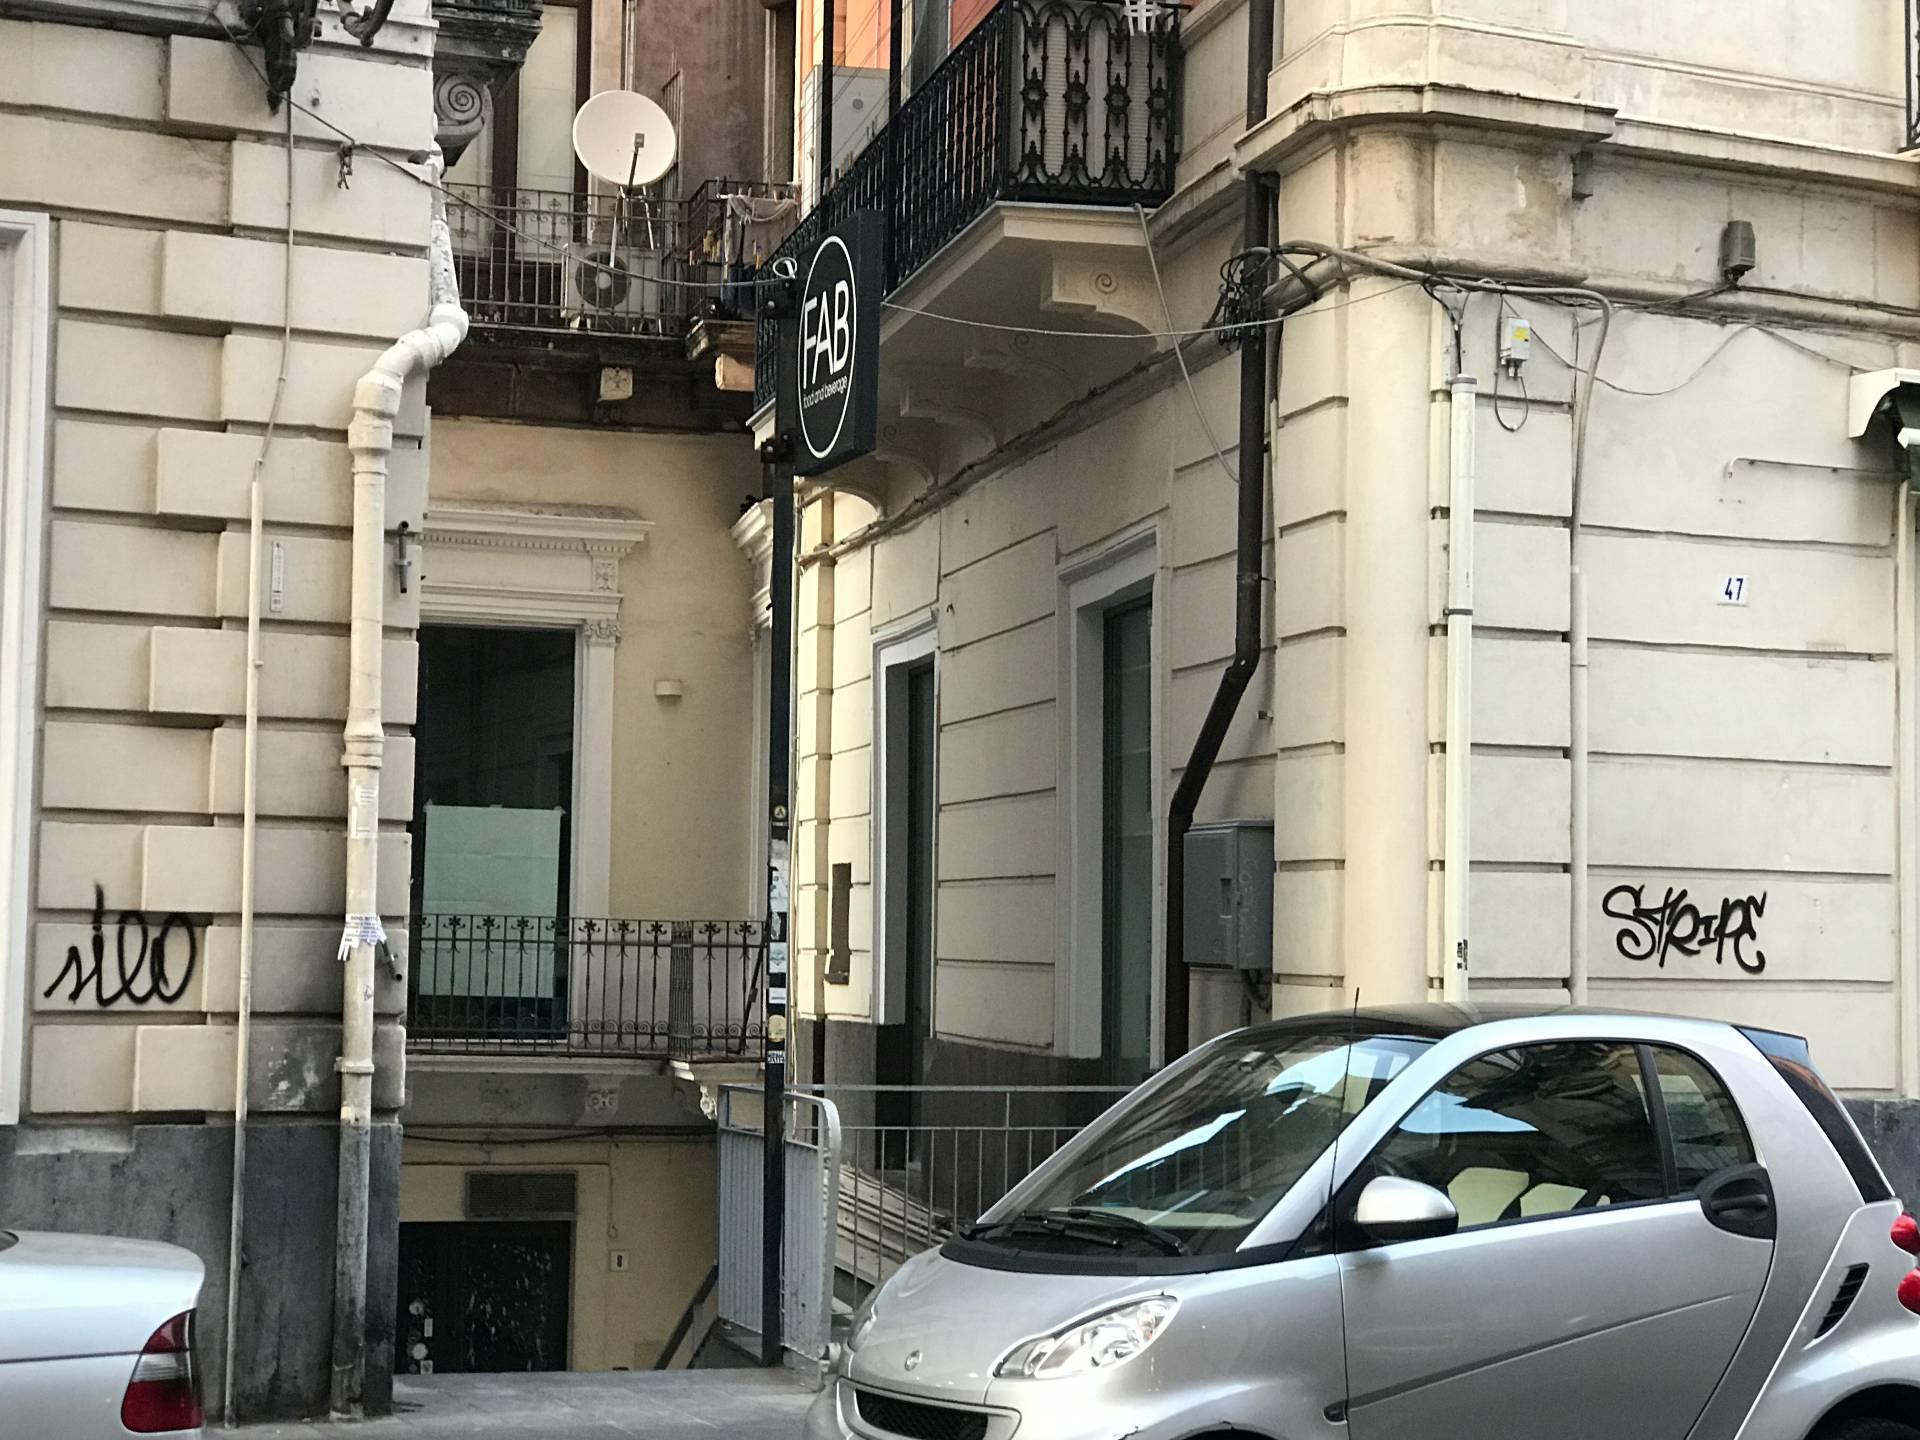 Negozio / Locale in affitto a Catania, 9999 locali, prezzo € 2.000 | CambioCasa.it